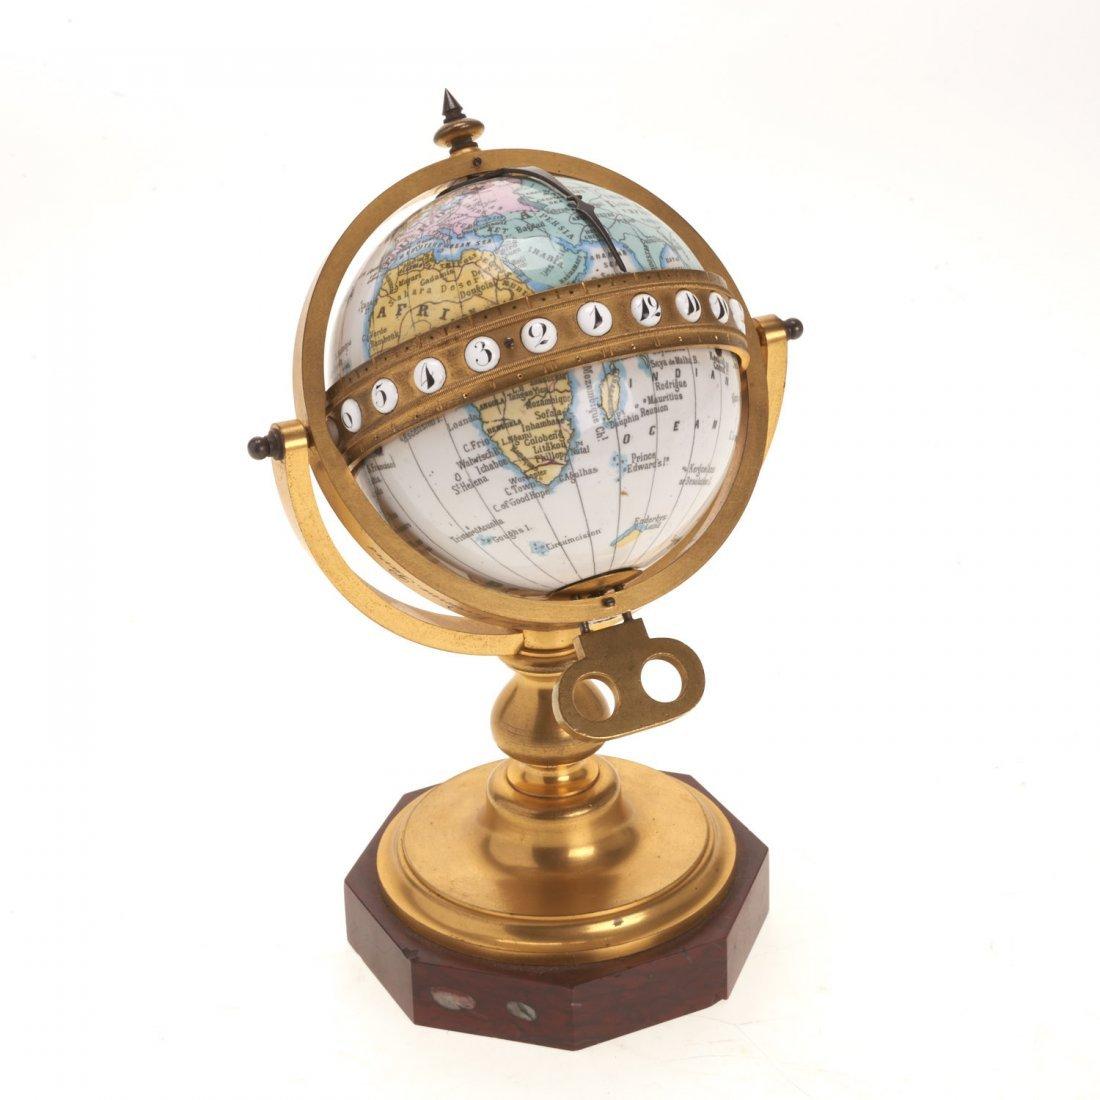 French bronze mounted enameled globe clock